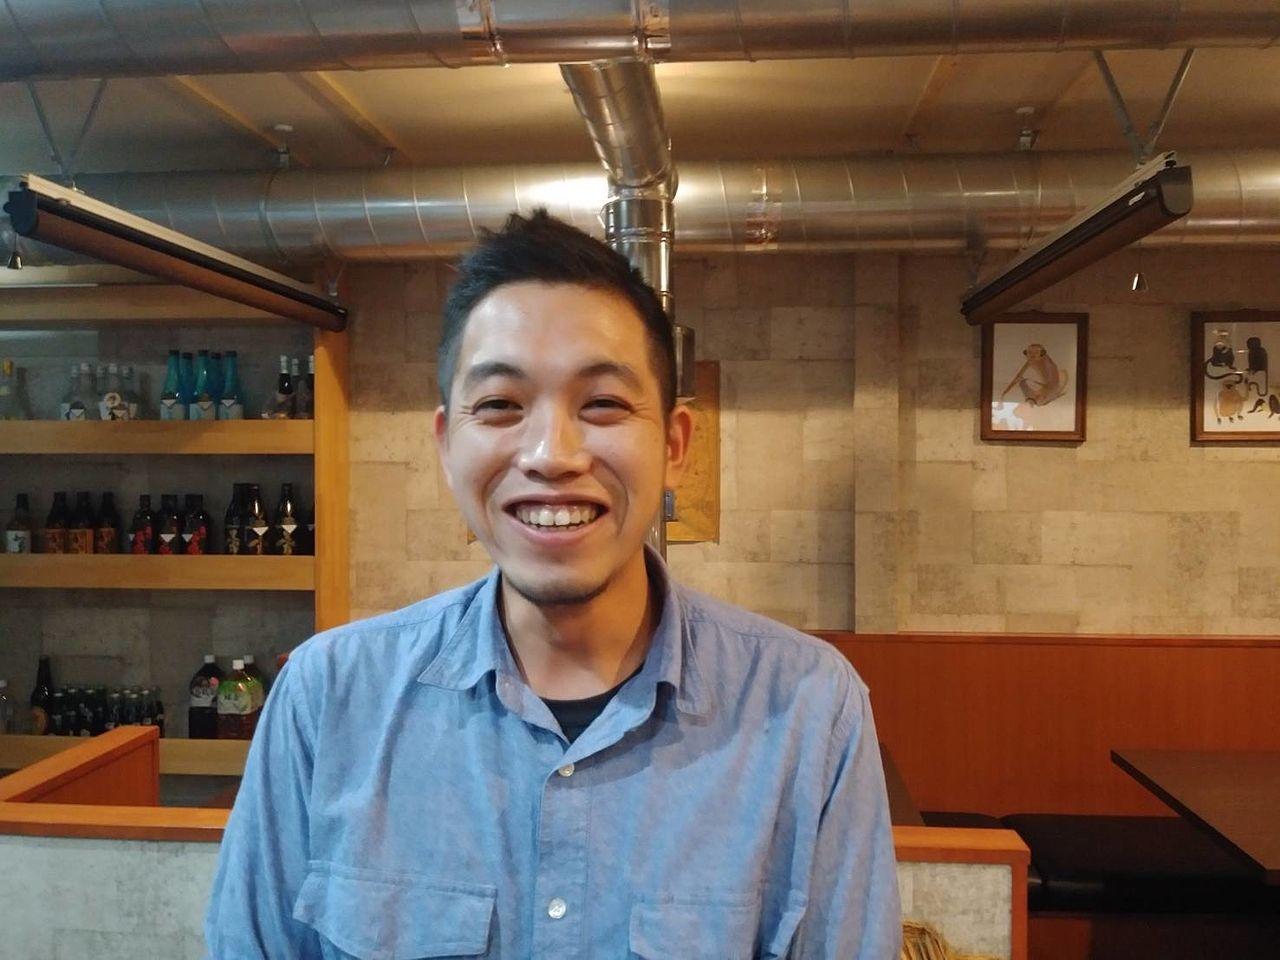 名古屋グランパスファンである店長さんですが、なぜだか野球の贔屓チームは、東京ヤクルトスワローズなんだそうです。ドランゴンズも応援してください!